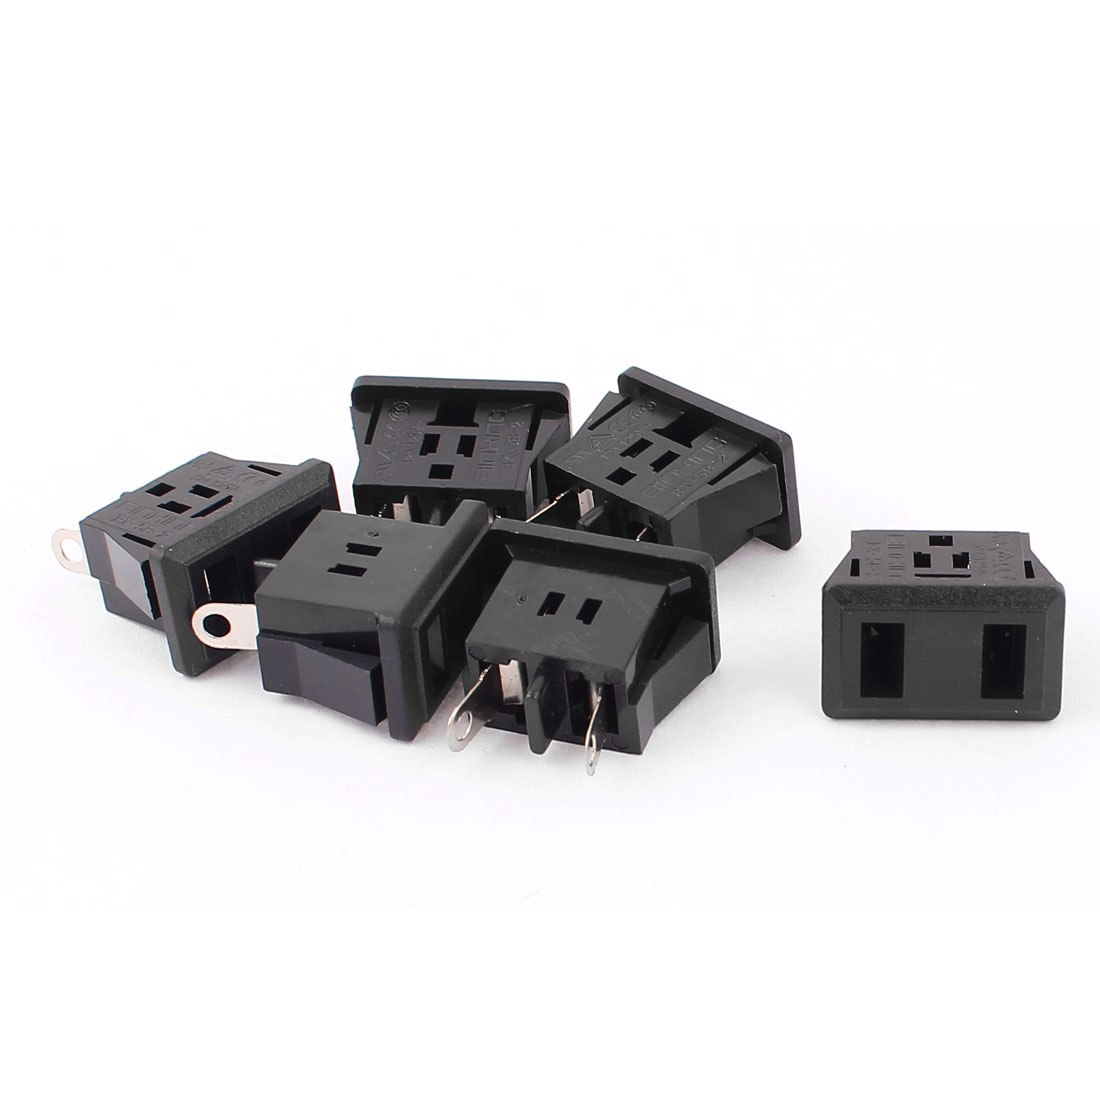 6Pcs PCB Board IEC320 C9 Female Power Socket Adapter AC 125V 12A